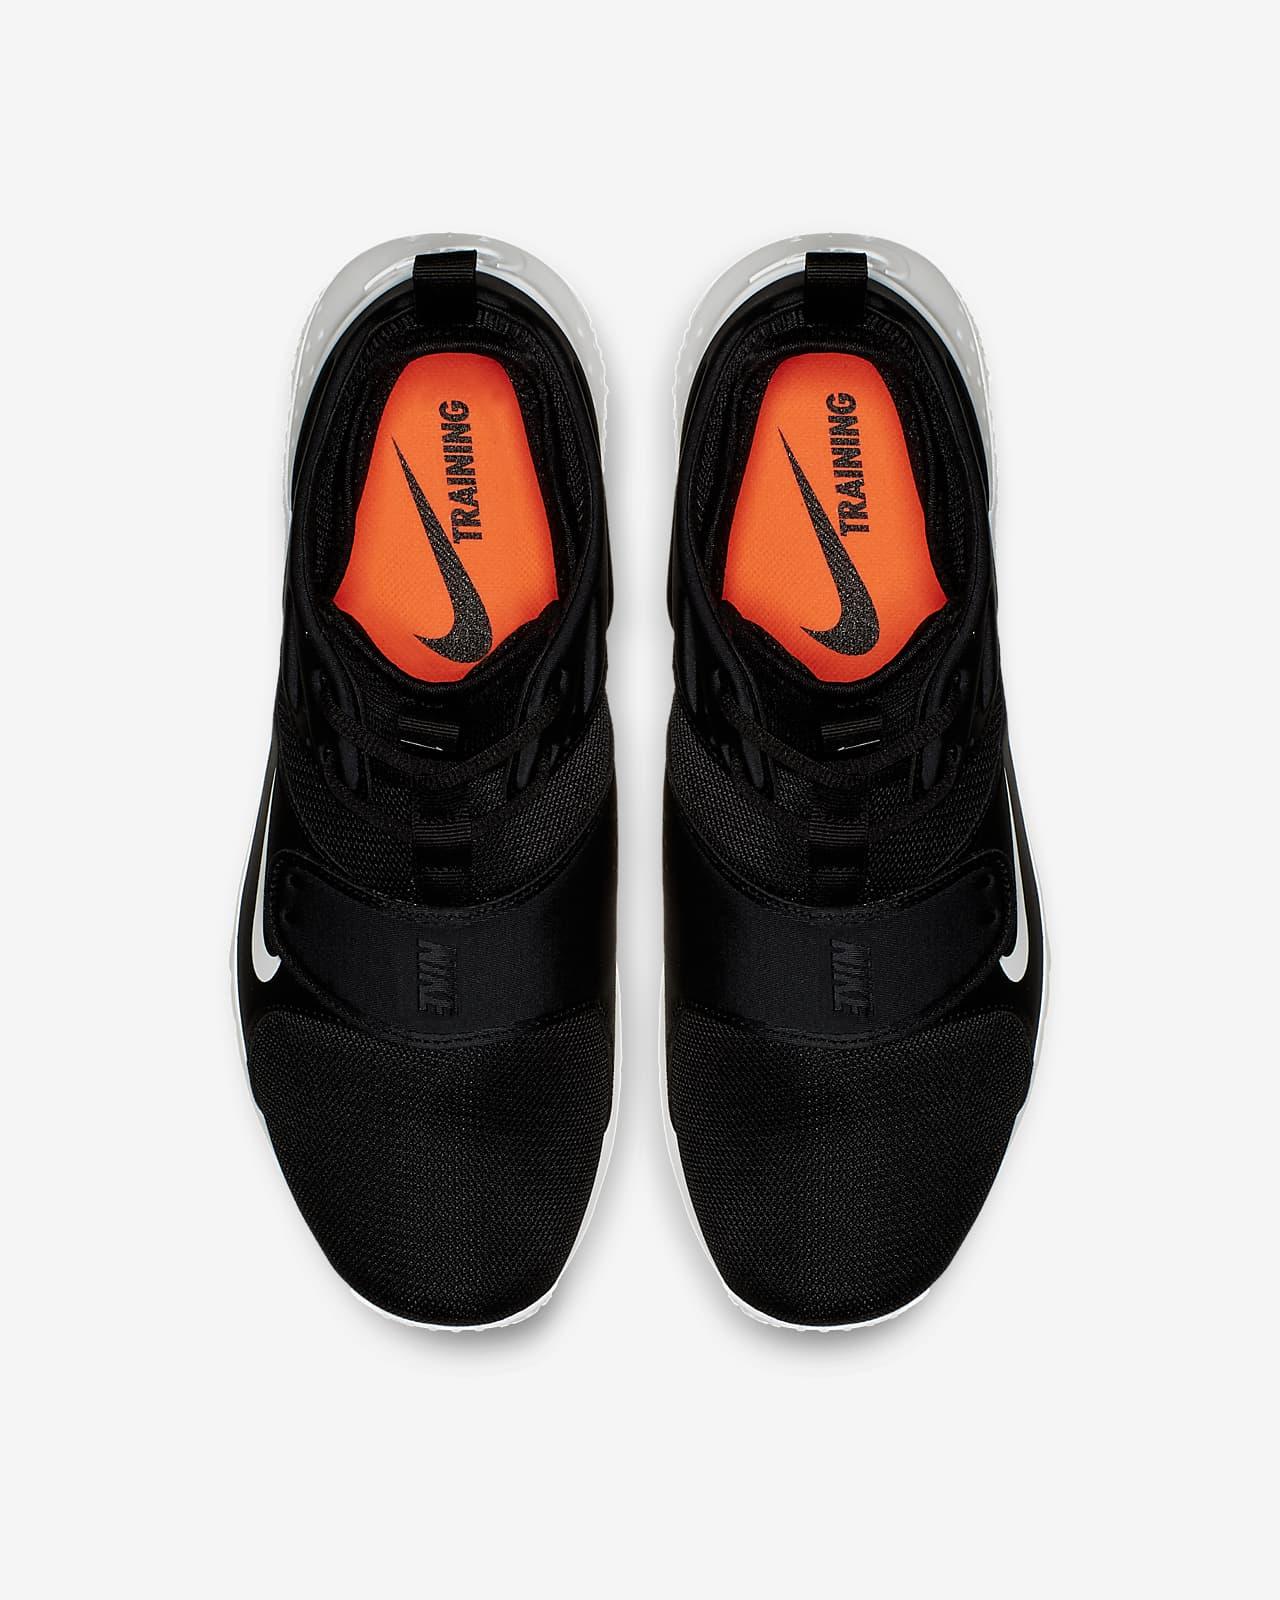 Nike Air Max Trainer 1 Men's Gym